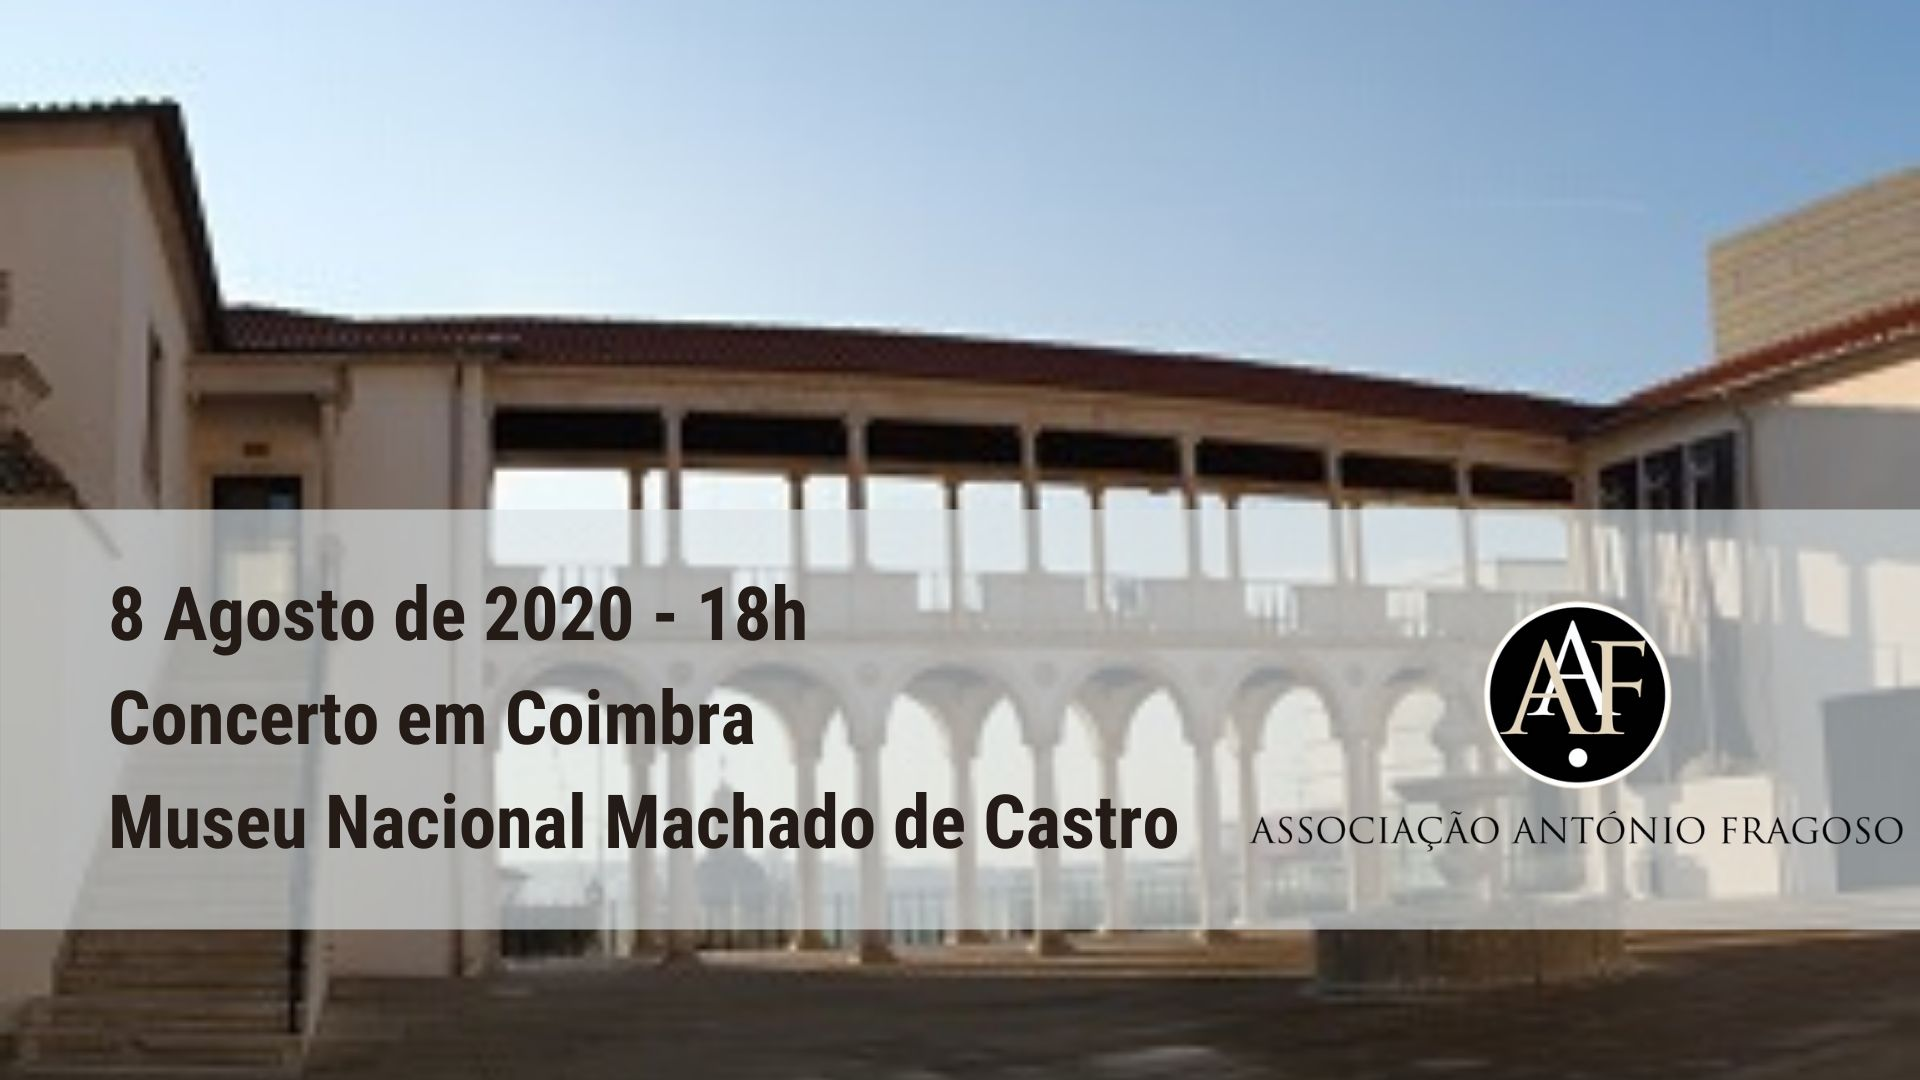 Concerto no Museu Nacional Machado de Castro - Coimbra - 8 Agosto 2020, 18h